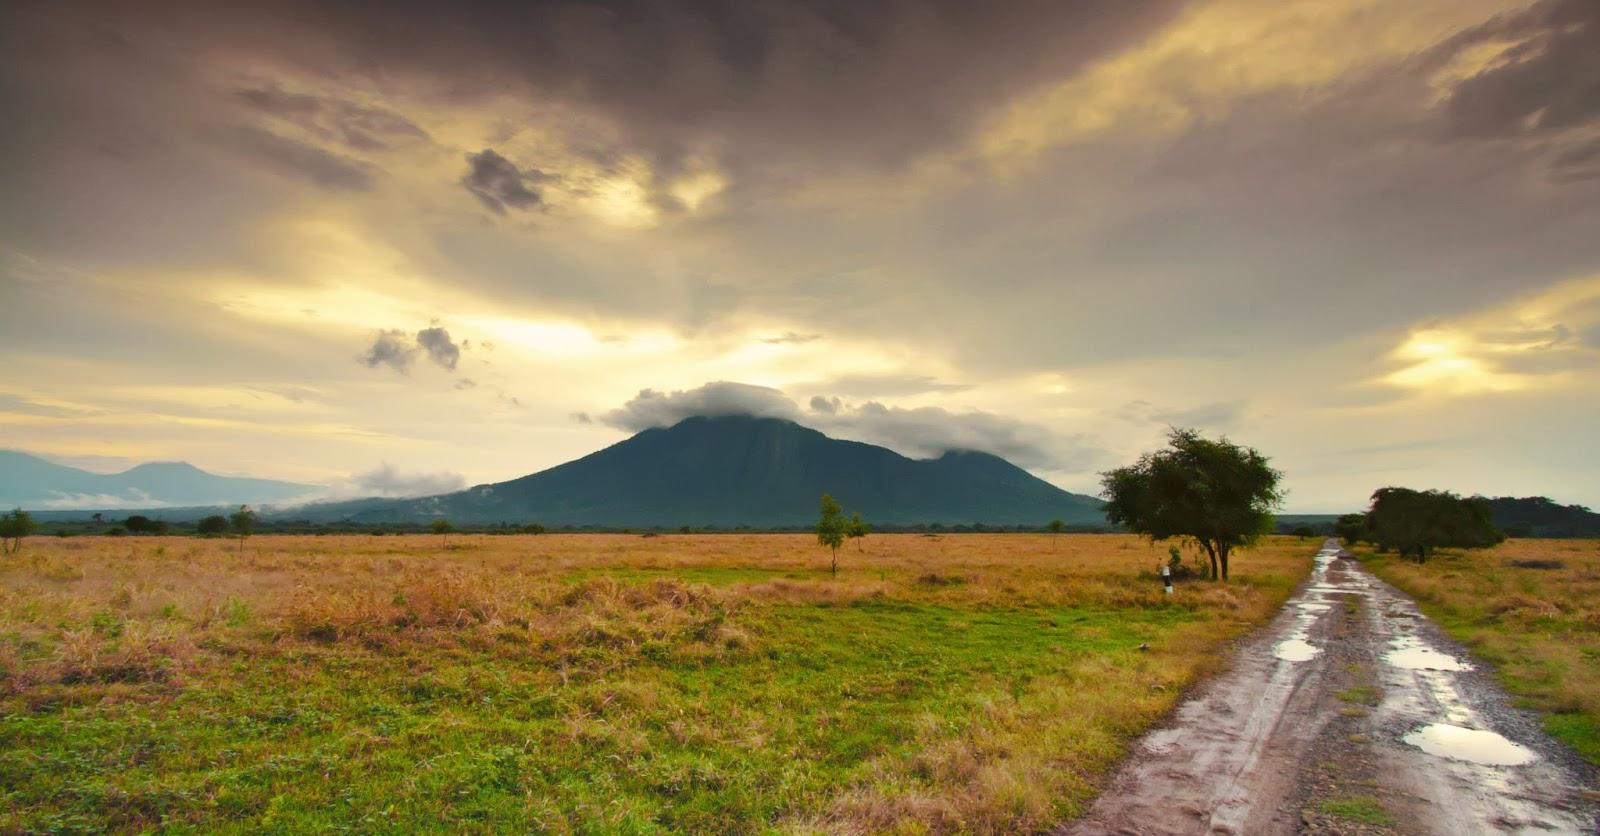 Taman Nasional Baluran Eksotisme Afrika Pulau Jawa Timur Kab Banyuwangi